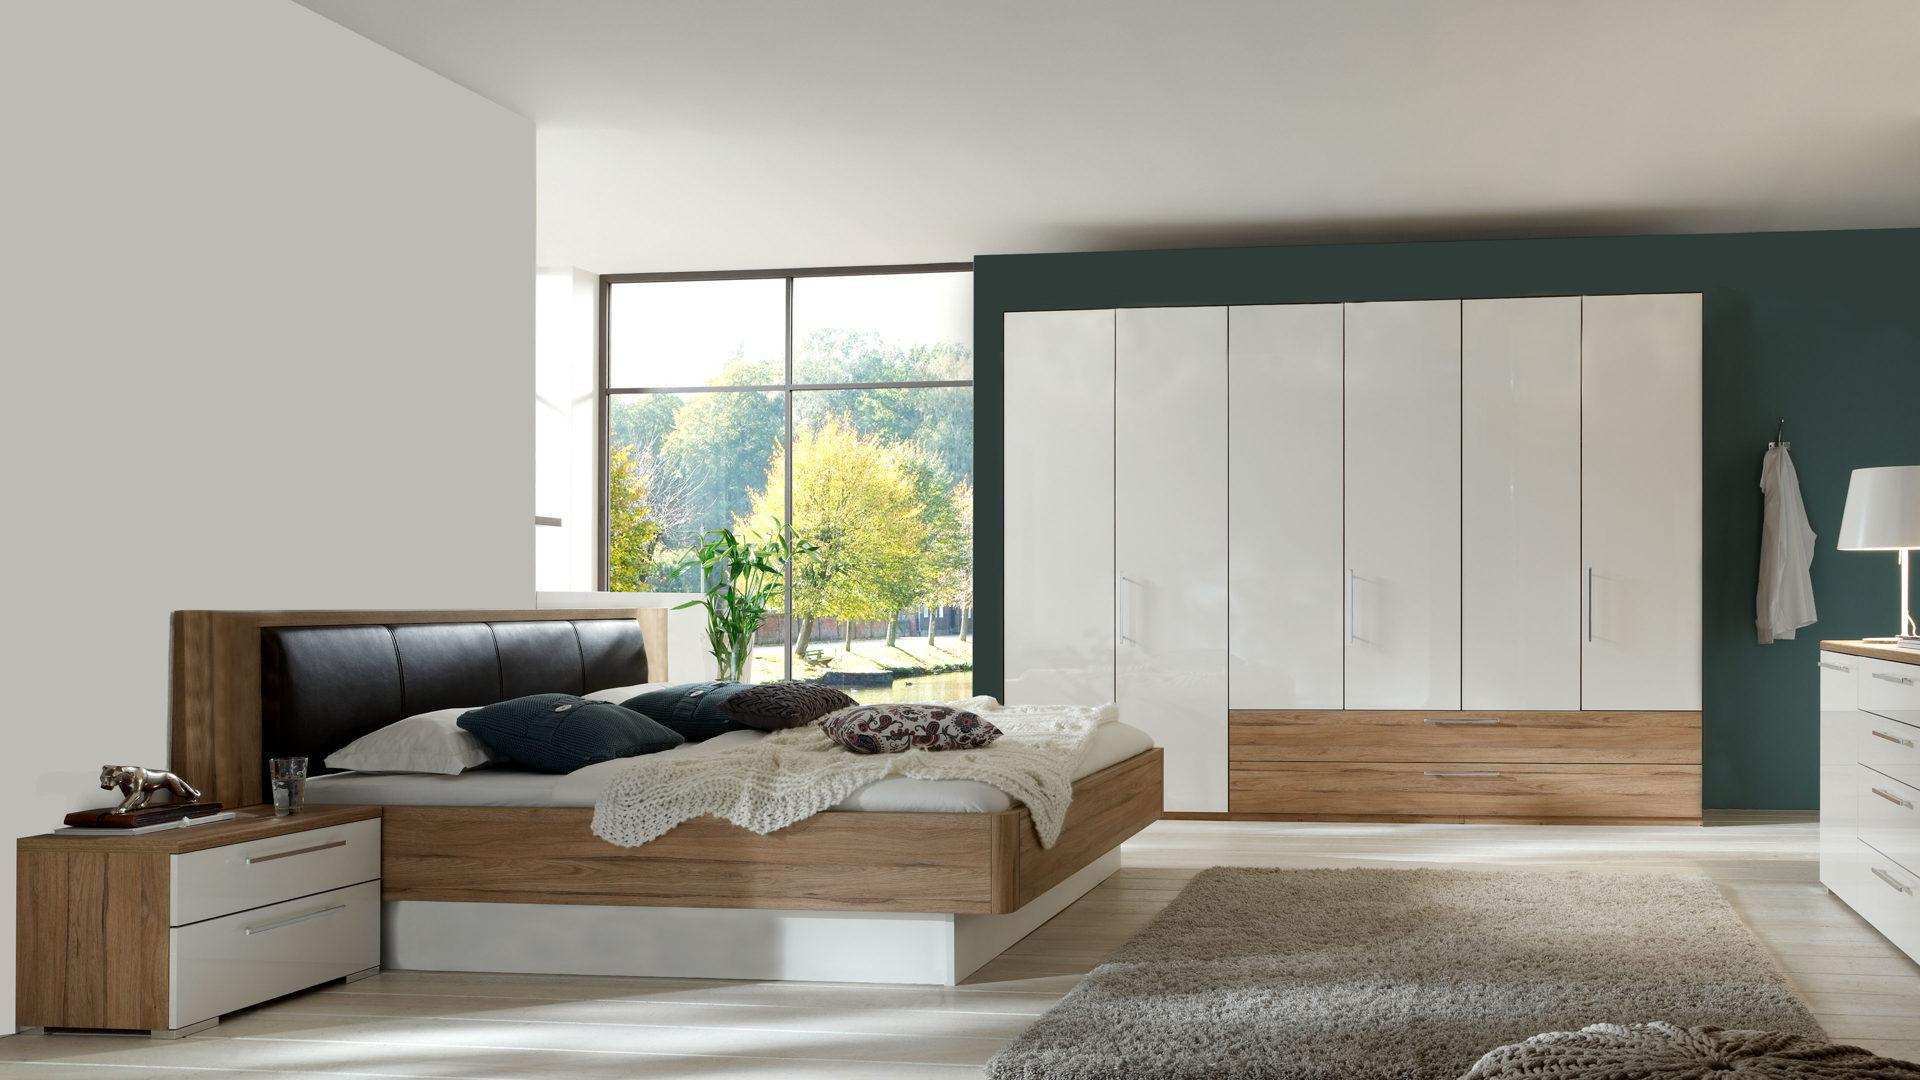 PARTNERRING COLLECTION Schlafzimmer Linus mit Möbeln zum Wohlfühlen